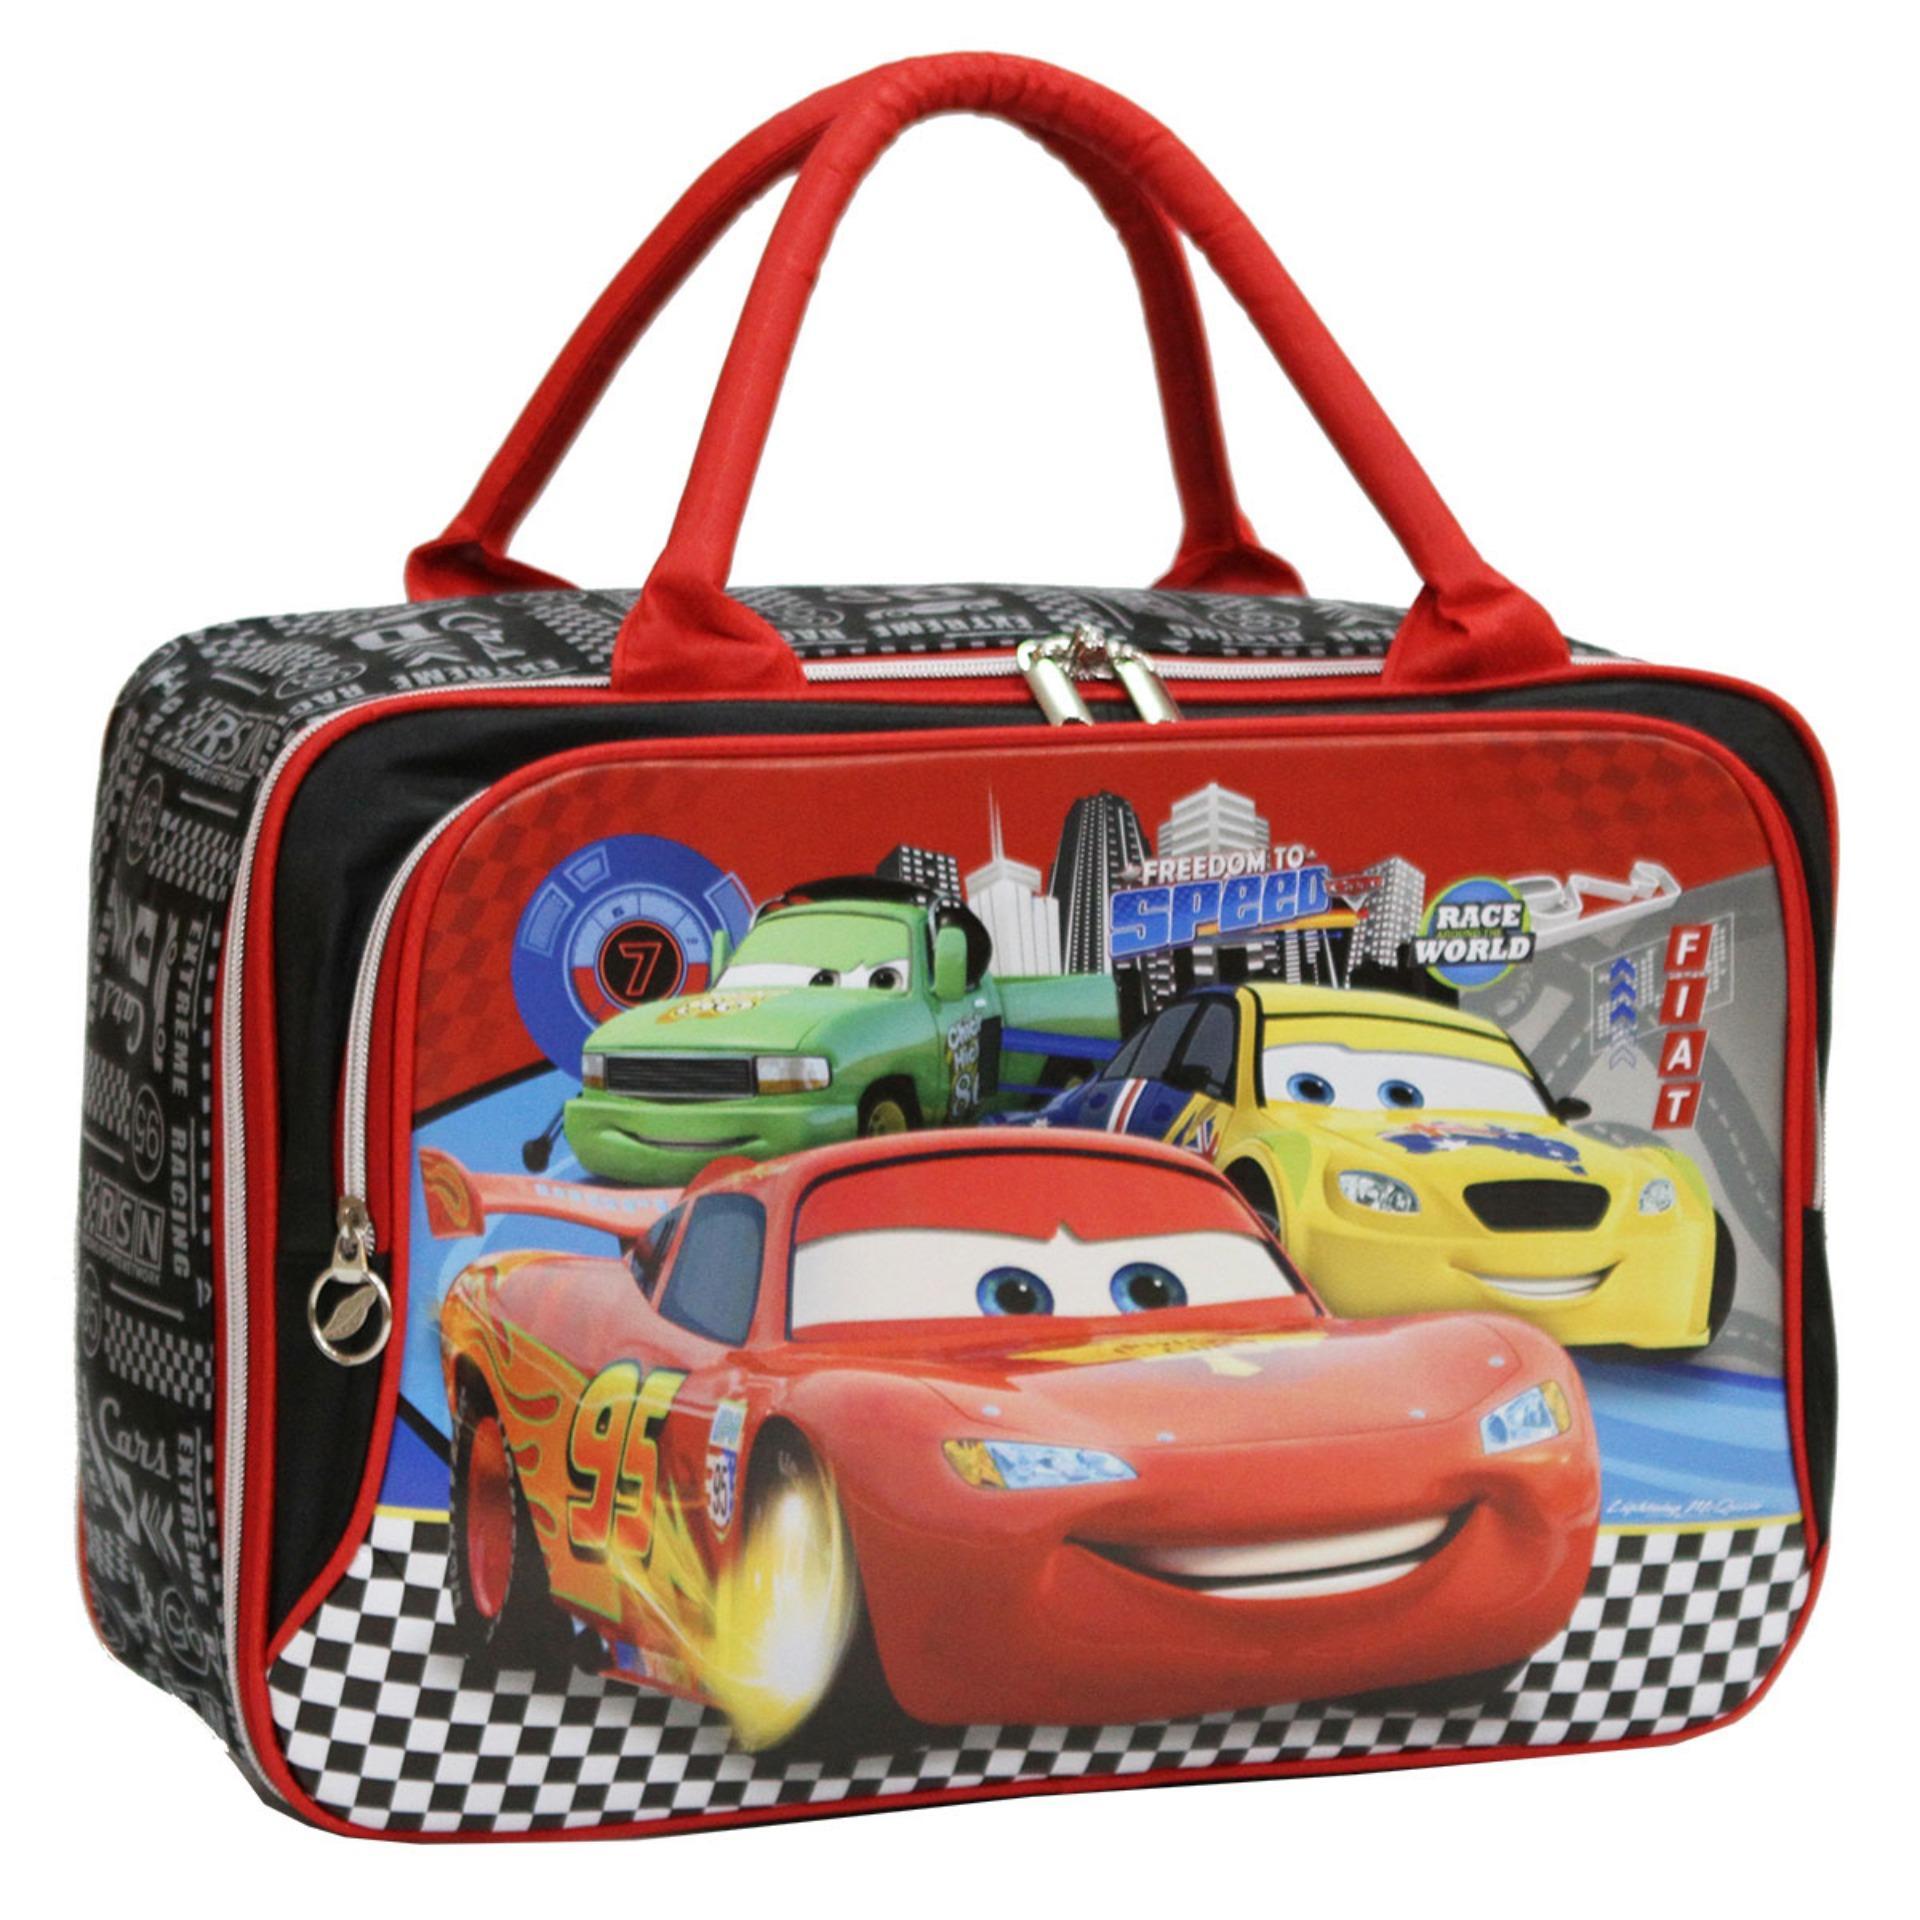 Jual Onlan Travel Bag Motif Cars Mcqueen Dua Kantung Kain Sponge Anti Air Red Lengkap